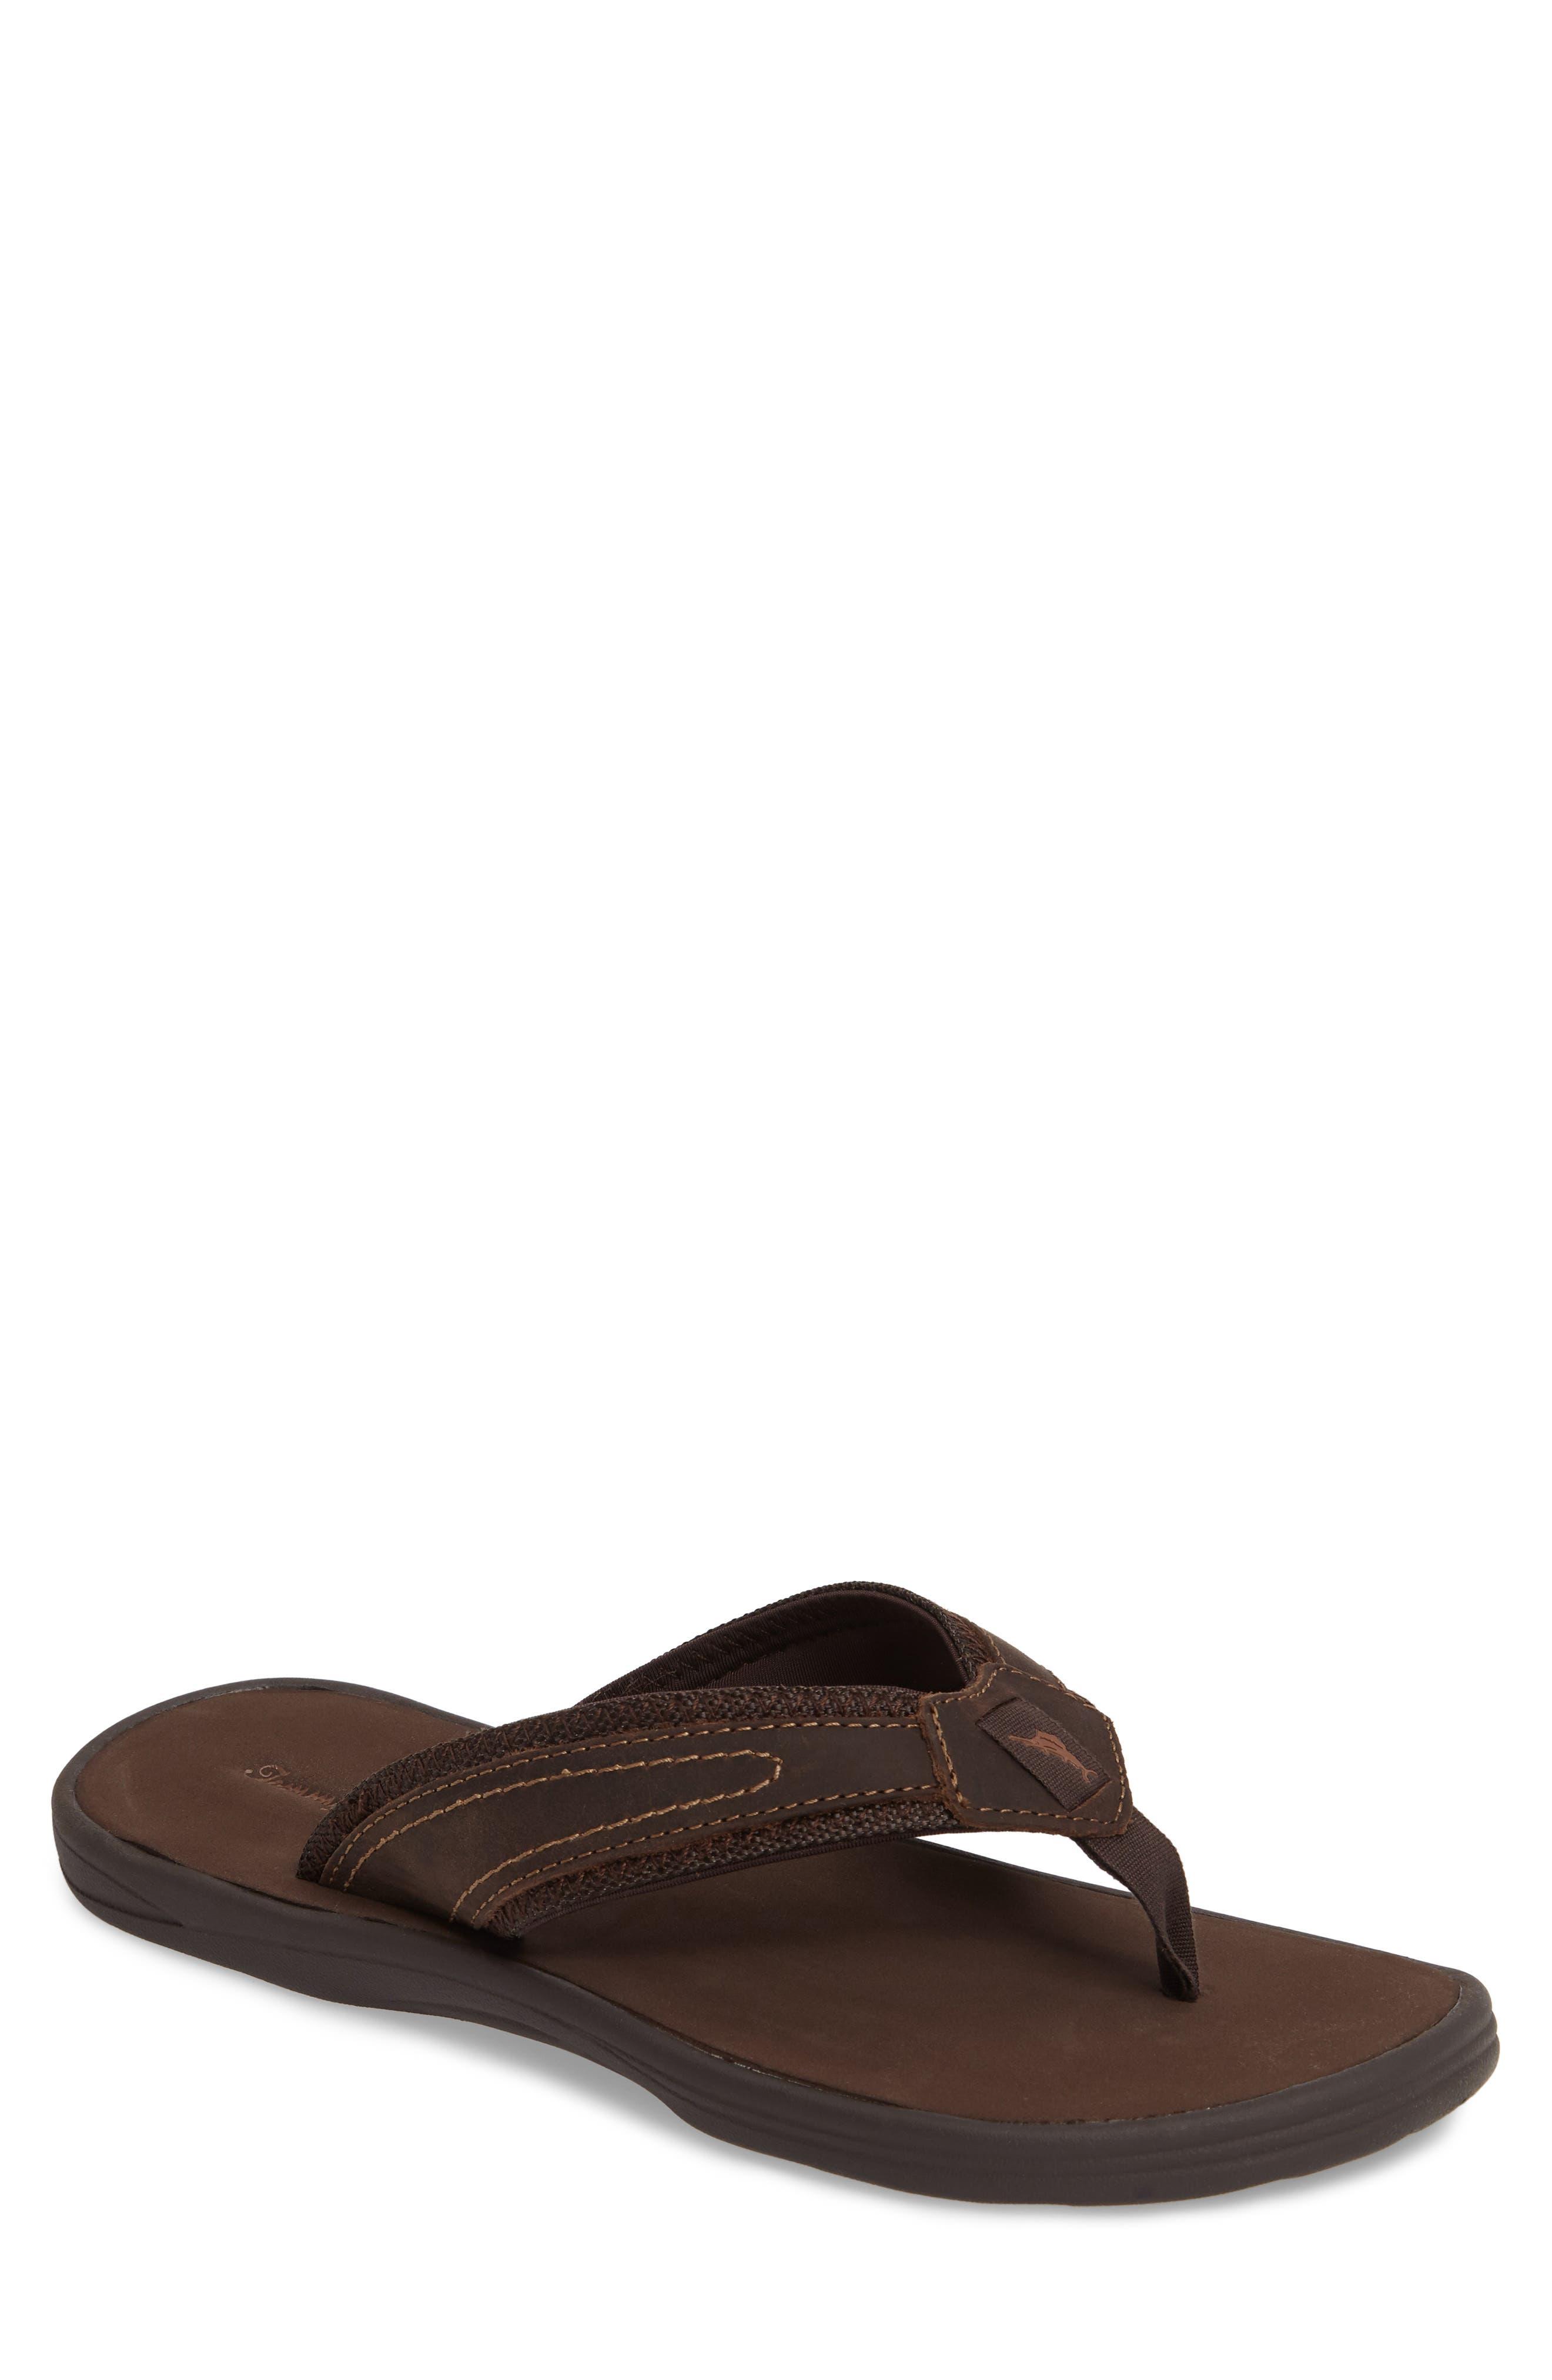 Tommy Bahama Seawell Flip Flop (Men)